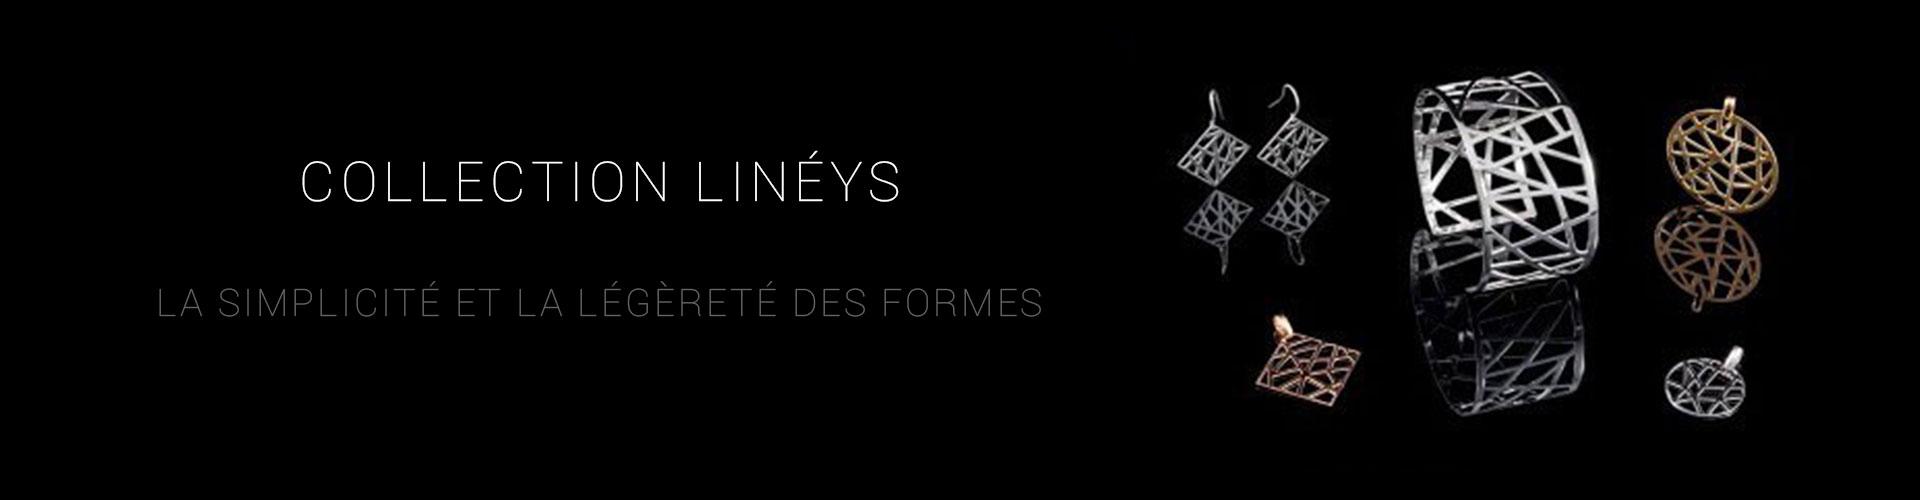 Collection Linéys Bijoux haut de gamme